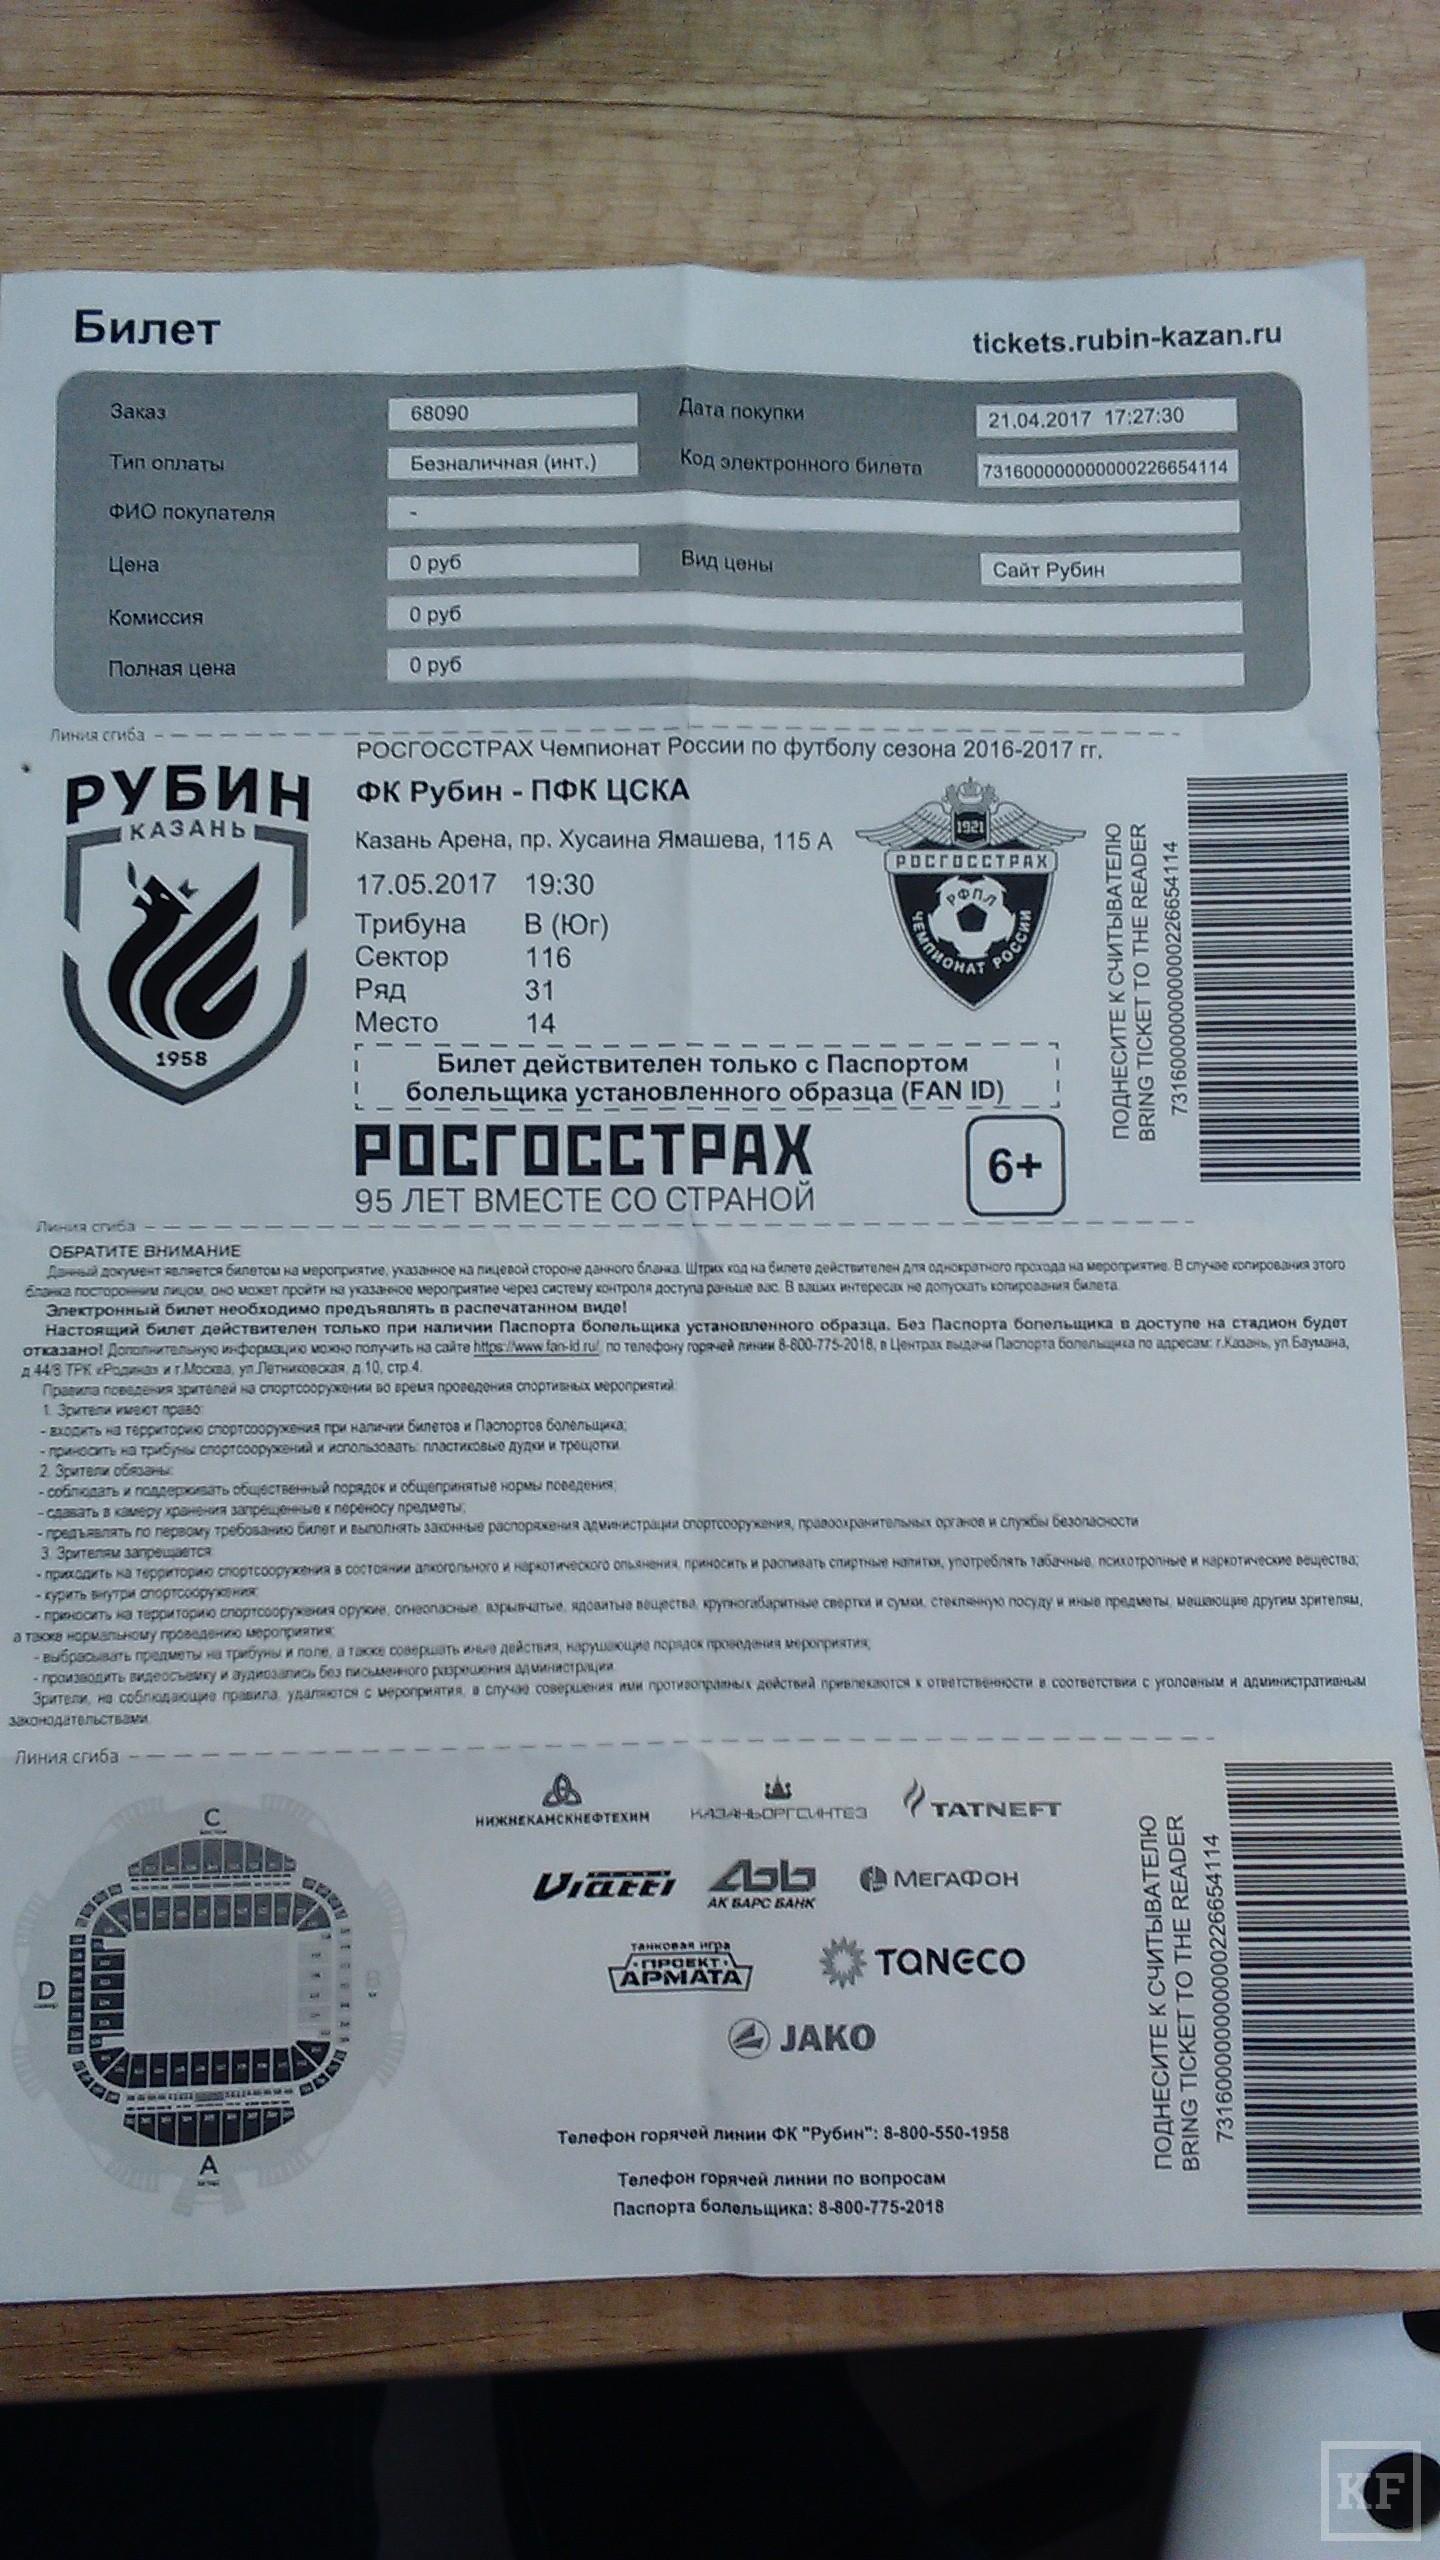 bilet_besplatny